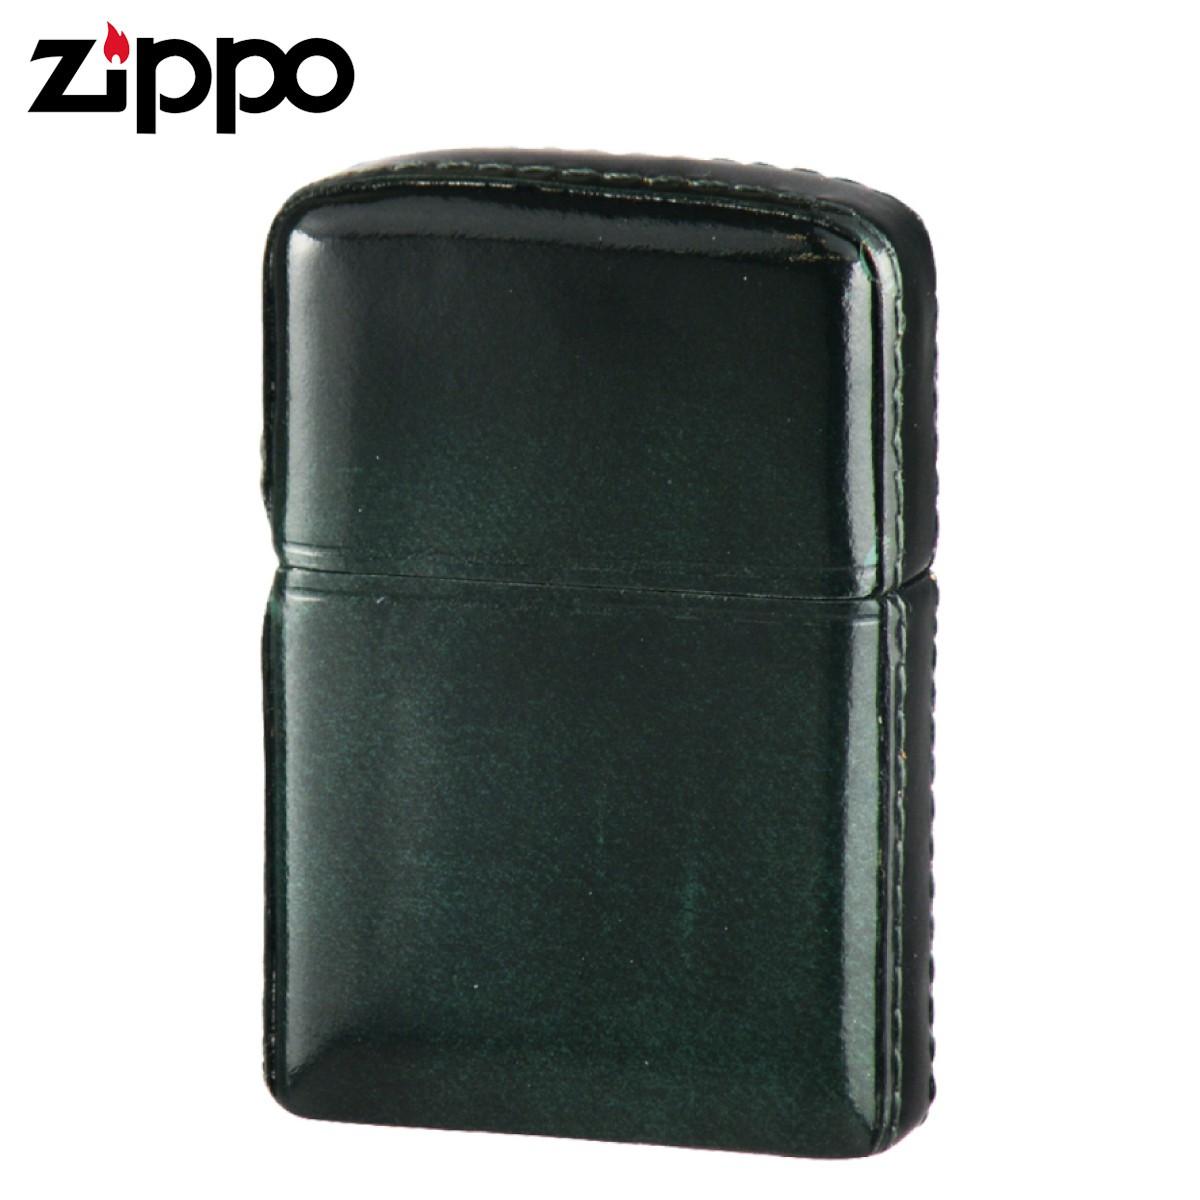 zippo ジッポー ライター 革巻き アドバンティックレザー グリーン ギフト プレゼント 贈り物 返品不可 喫煙具